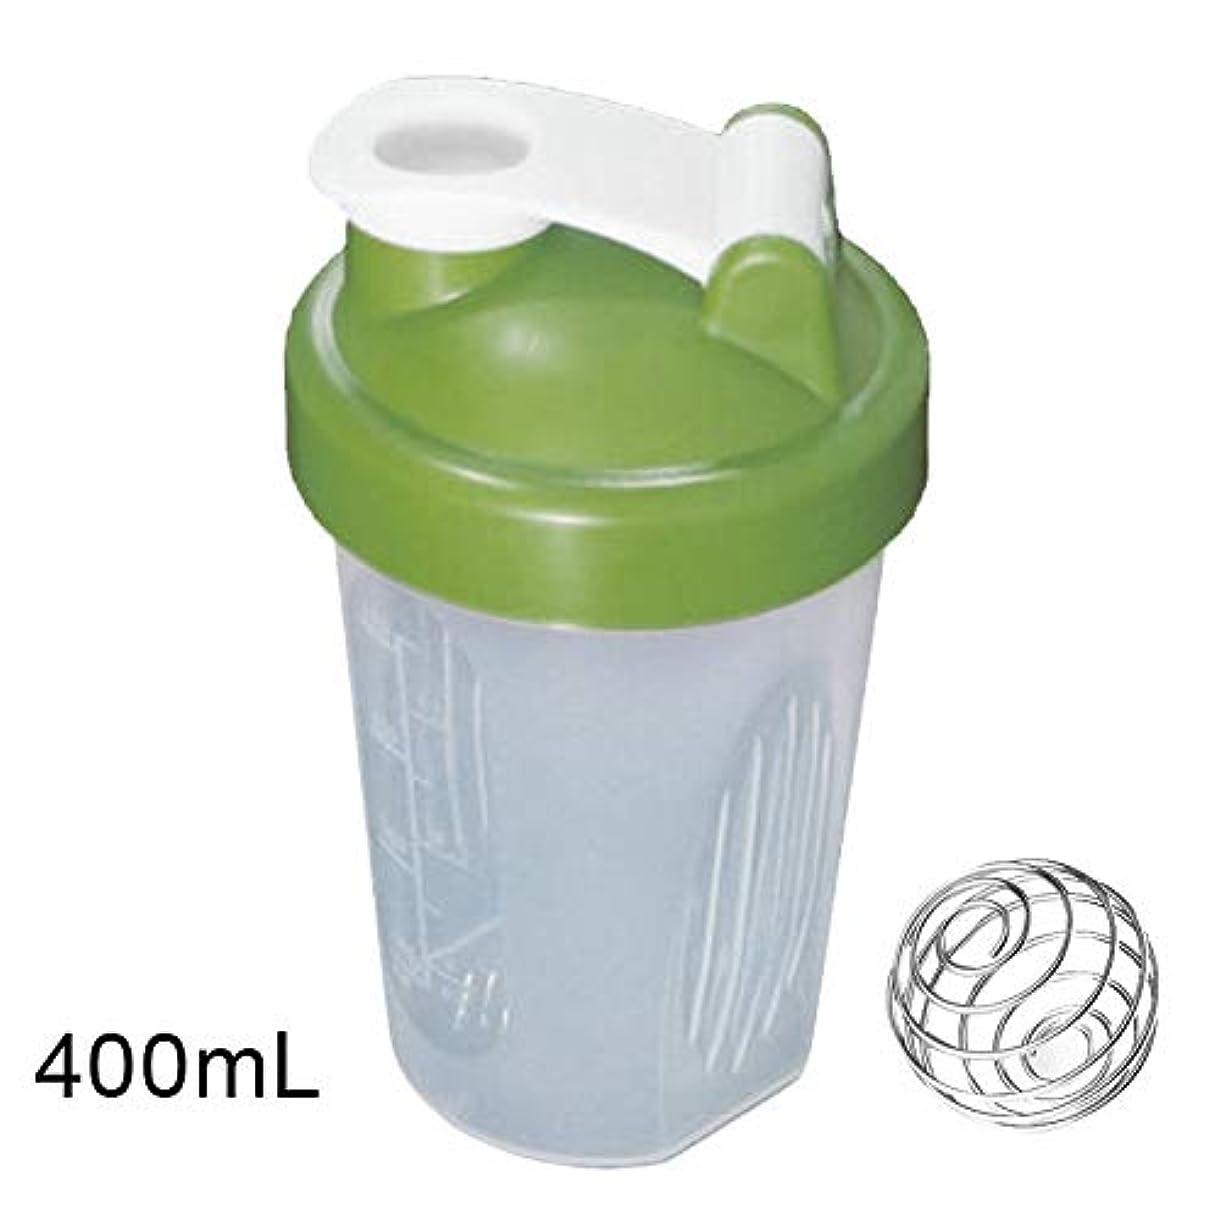 ポイントアイロニーセッションARTYGYD 400 / 600ml蛋白質の粉の混合のコップは感動的な球が付いている漏出防止の振動ボトルを密封しました